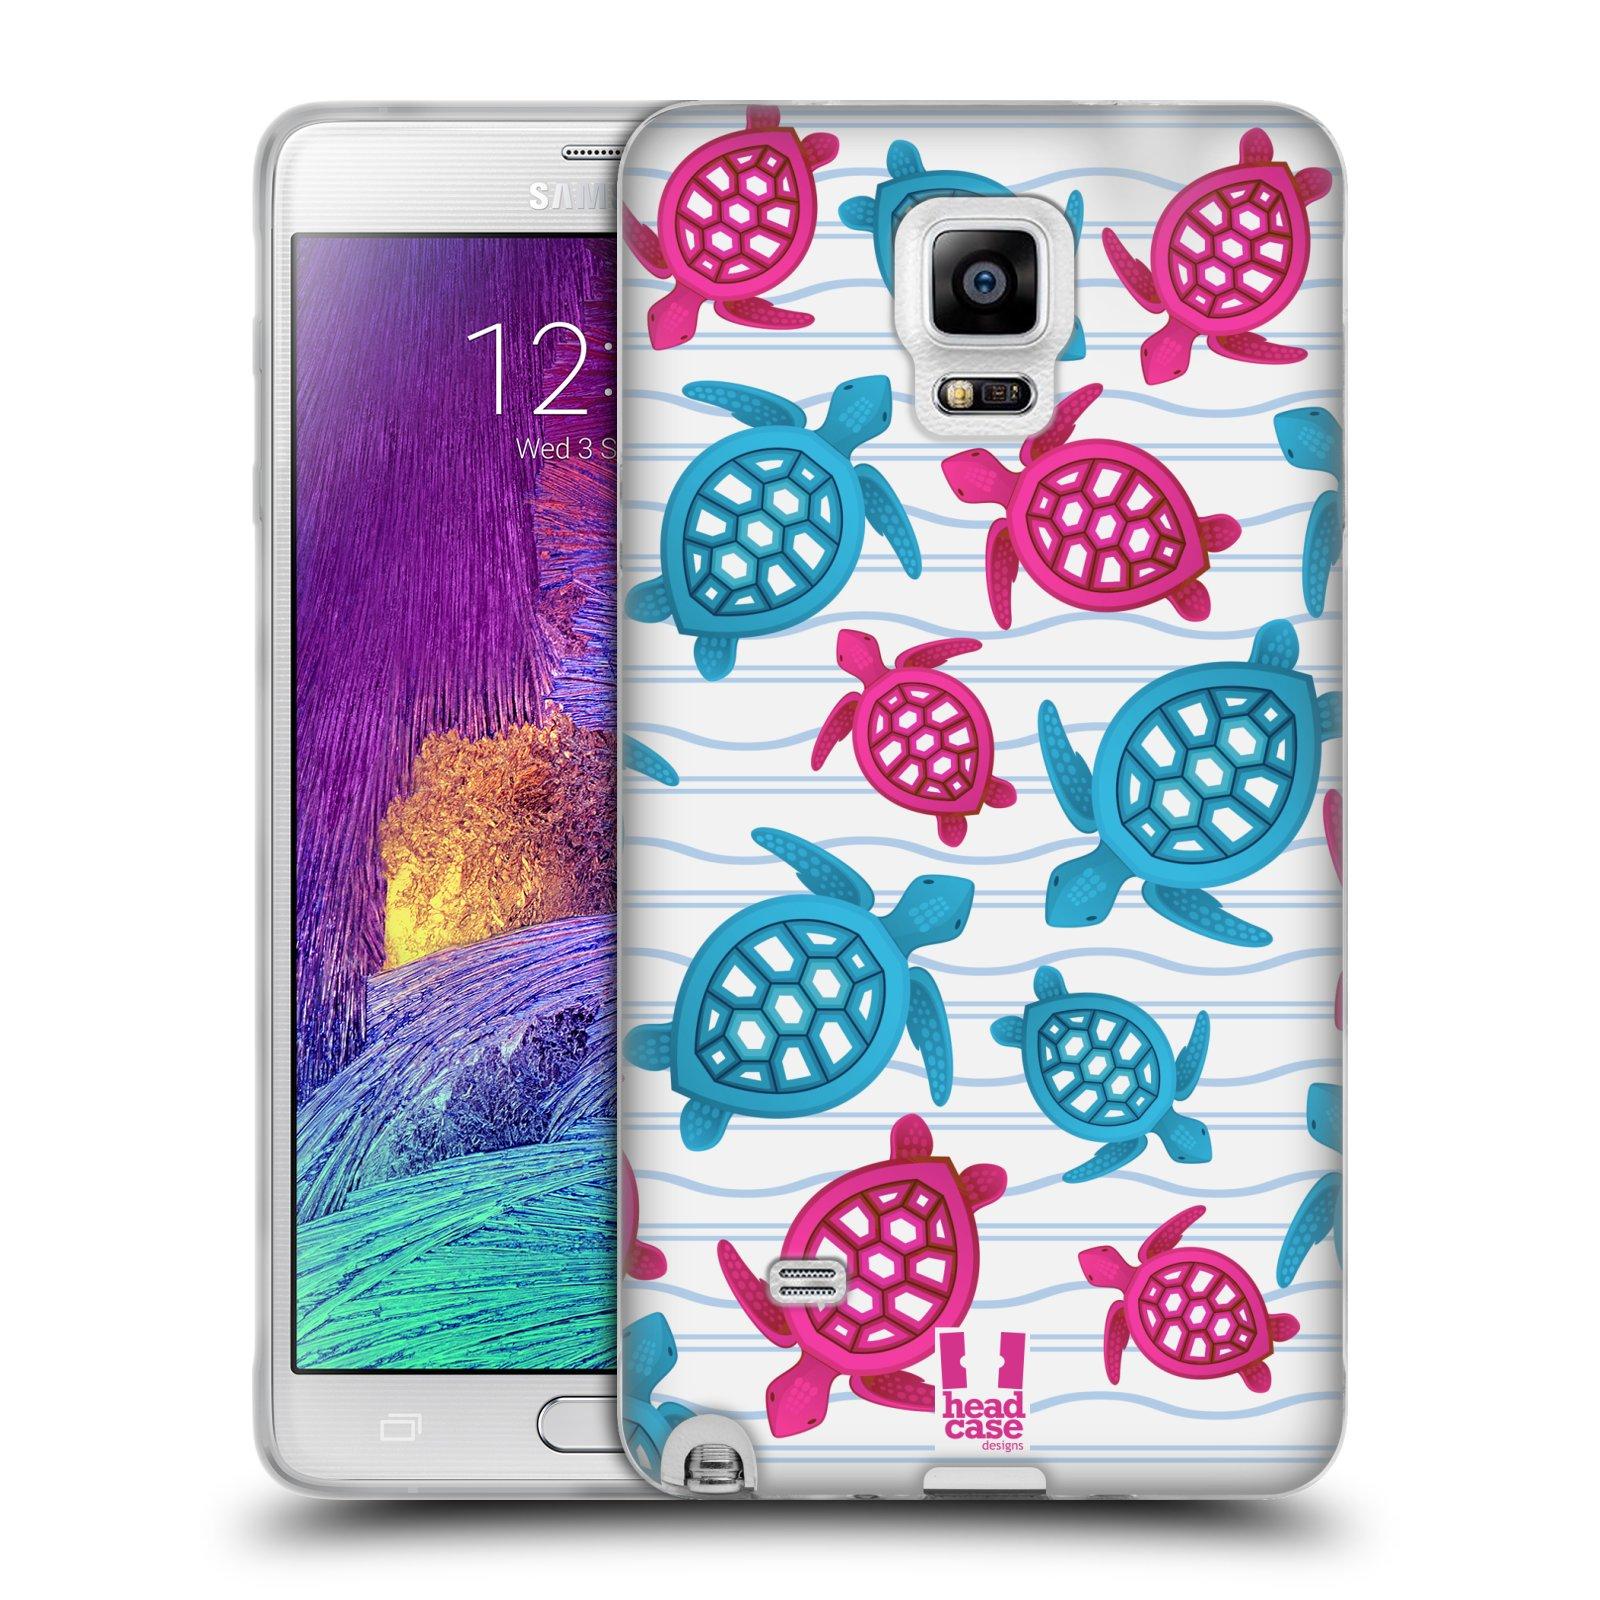 HEAD CASE silikonový obal na mobil Samsung Galaxy Note 4 (N910) vzor mořský živočich želva modrá a růžová